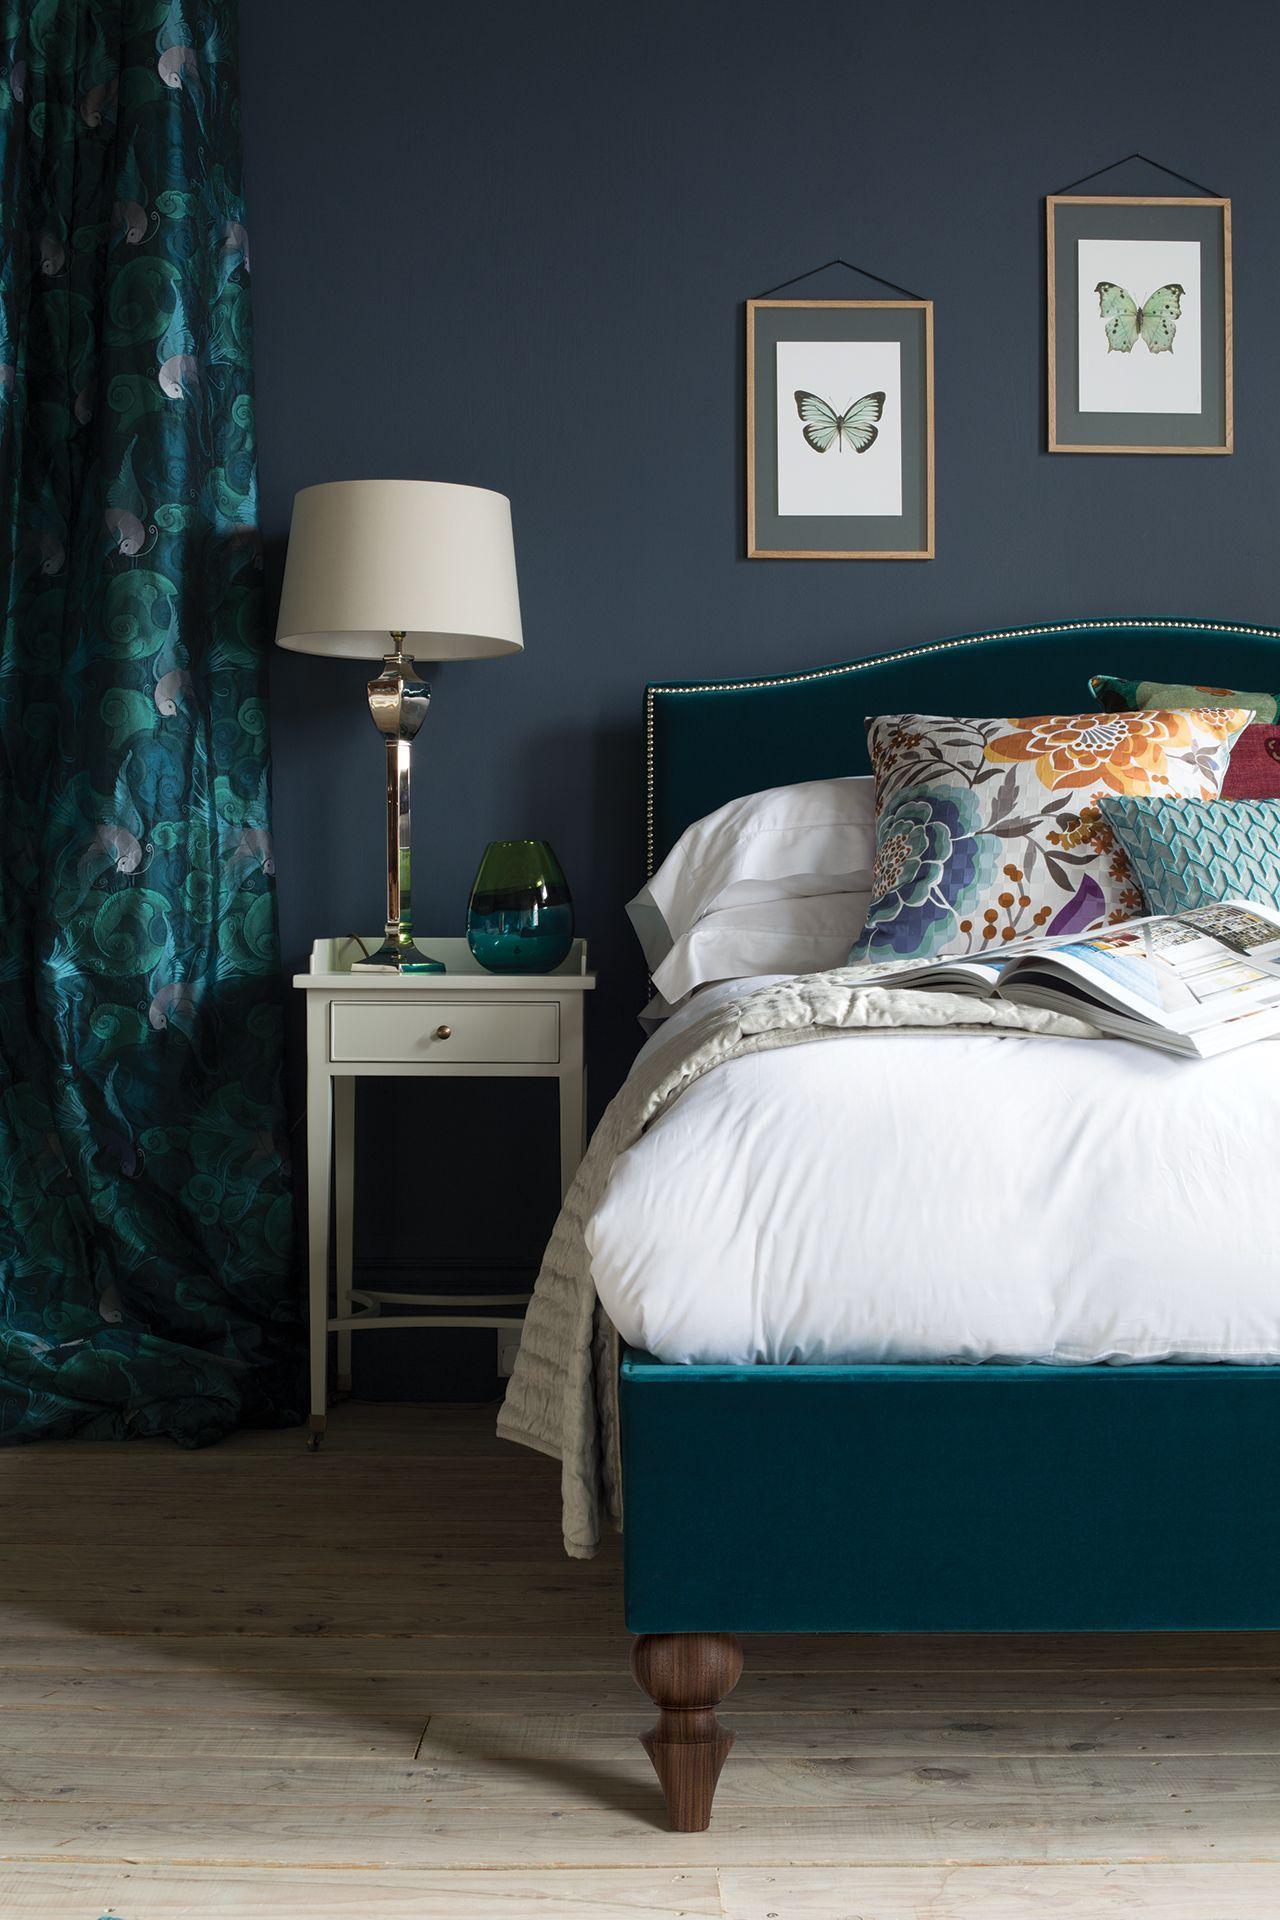 Richmond Bed In 2020 Grey Bedroom Decor Bedroom Design Teal Bedroom